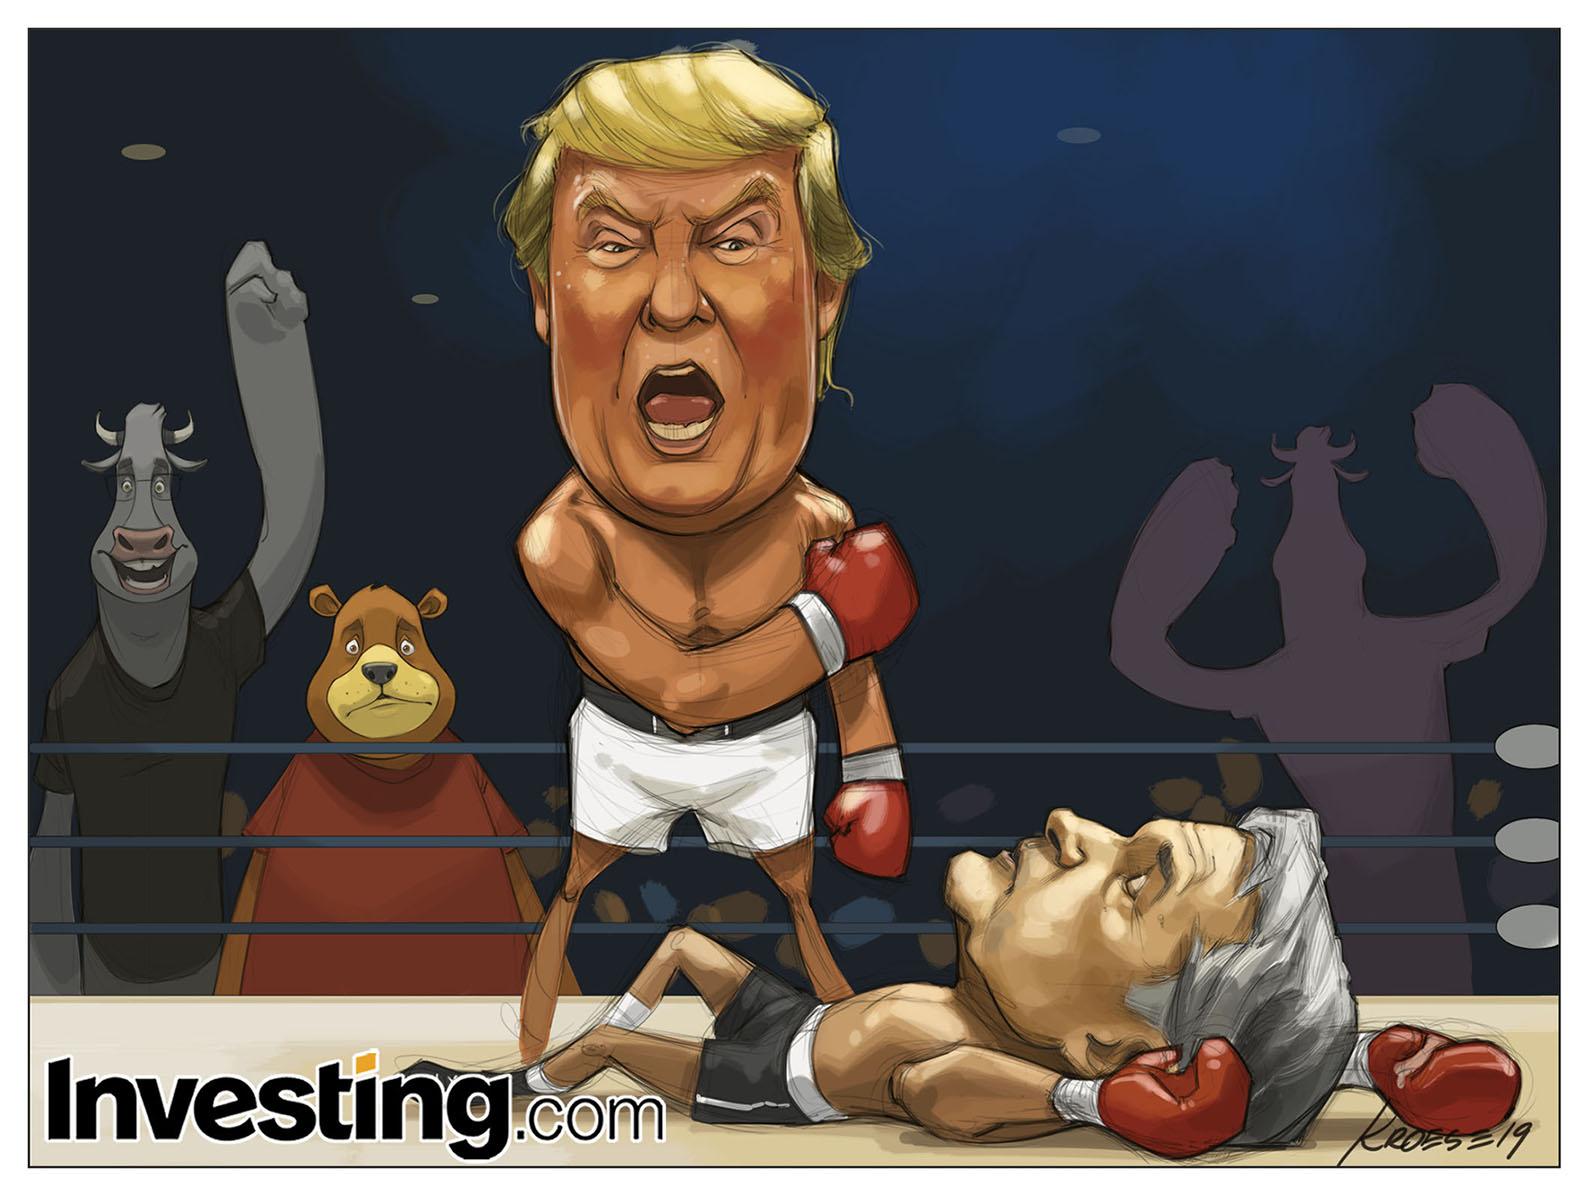 파월의 금리 인상 포기로 트럼프 승리